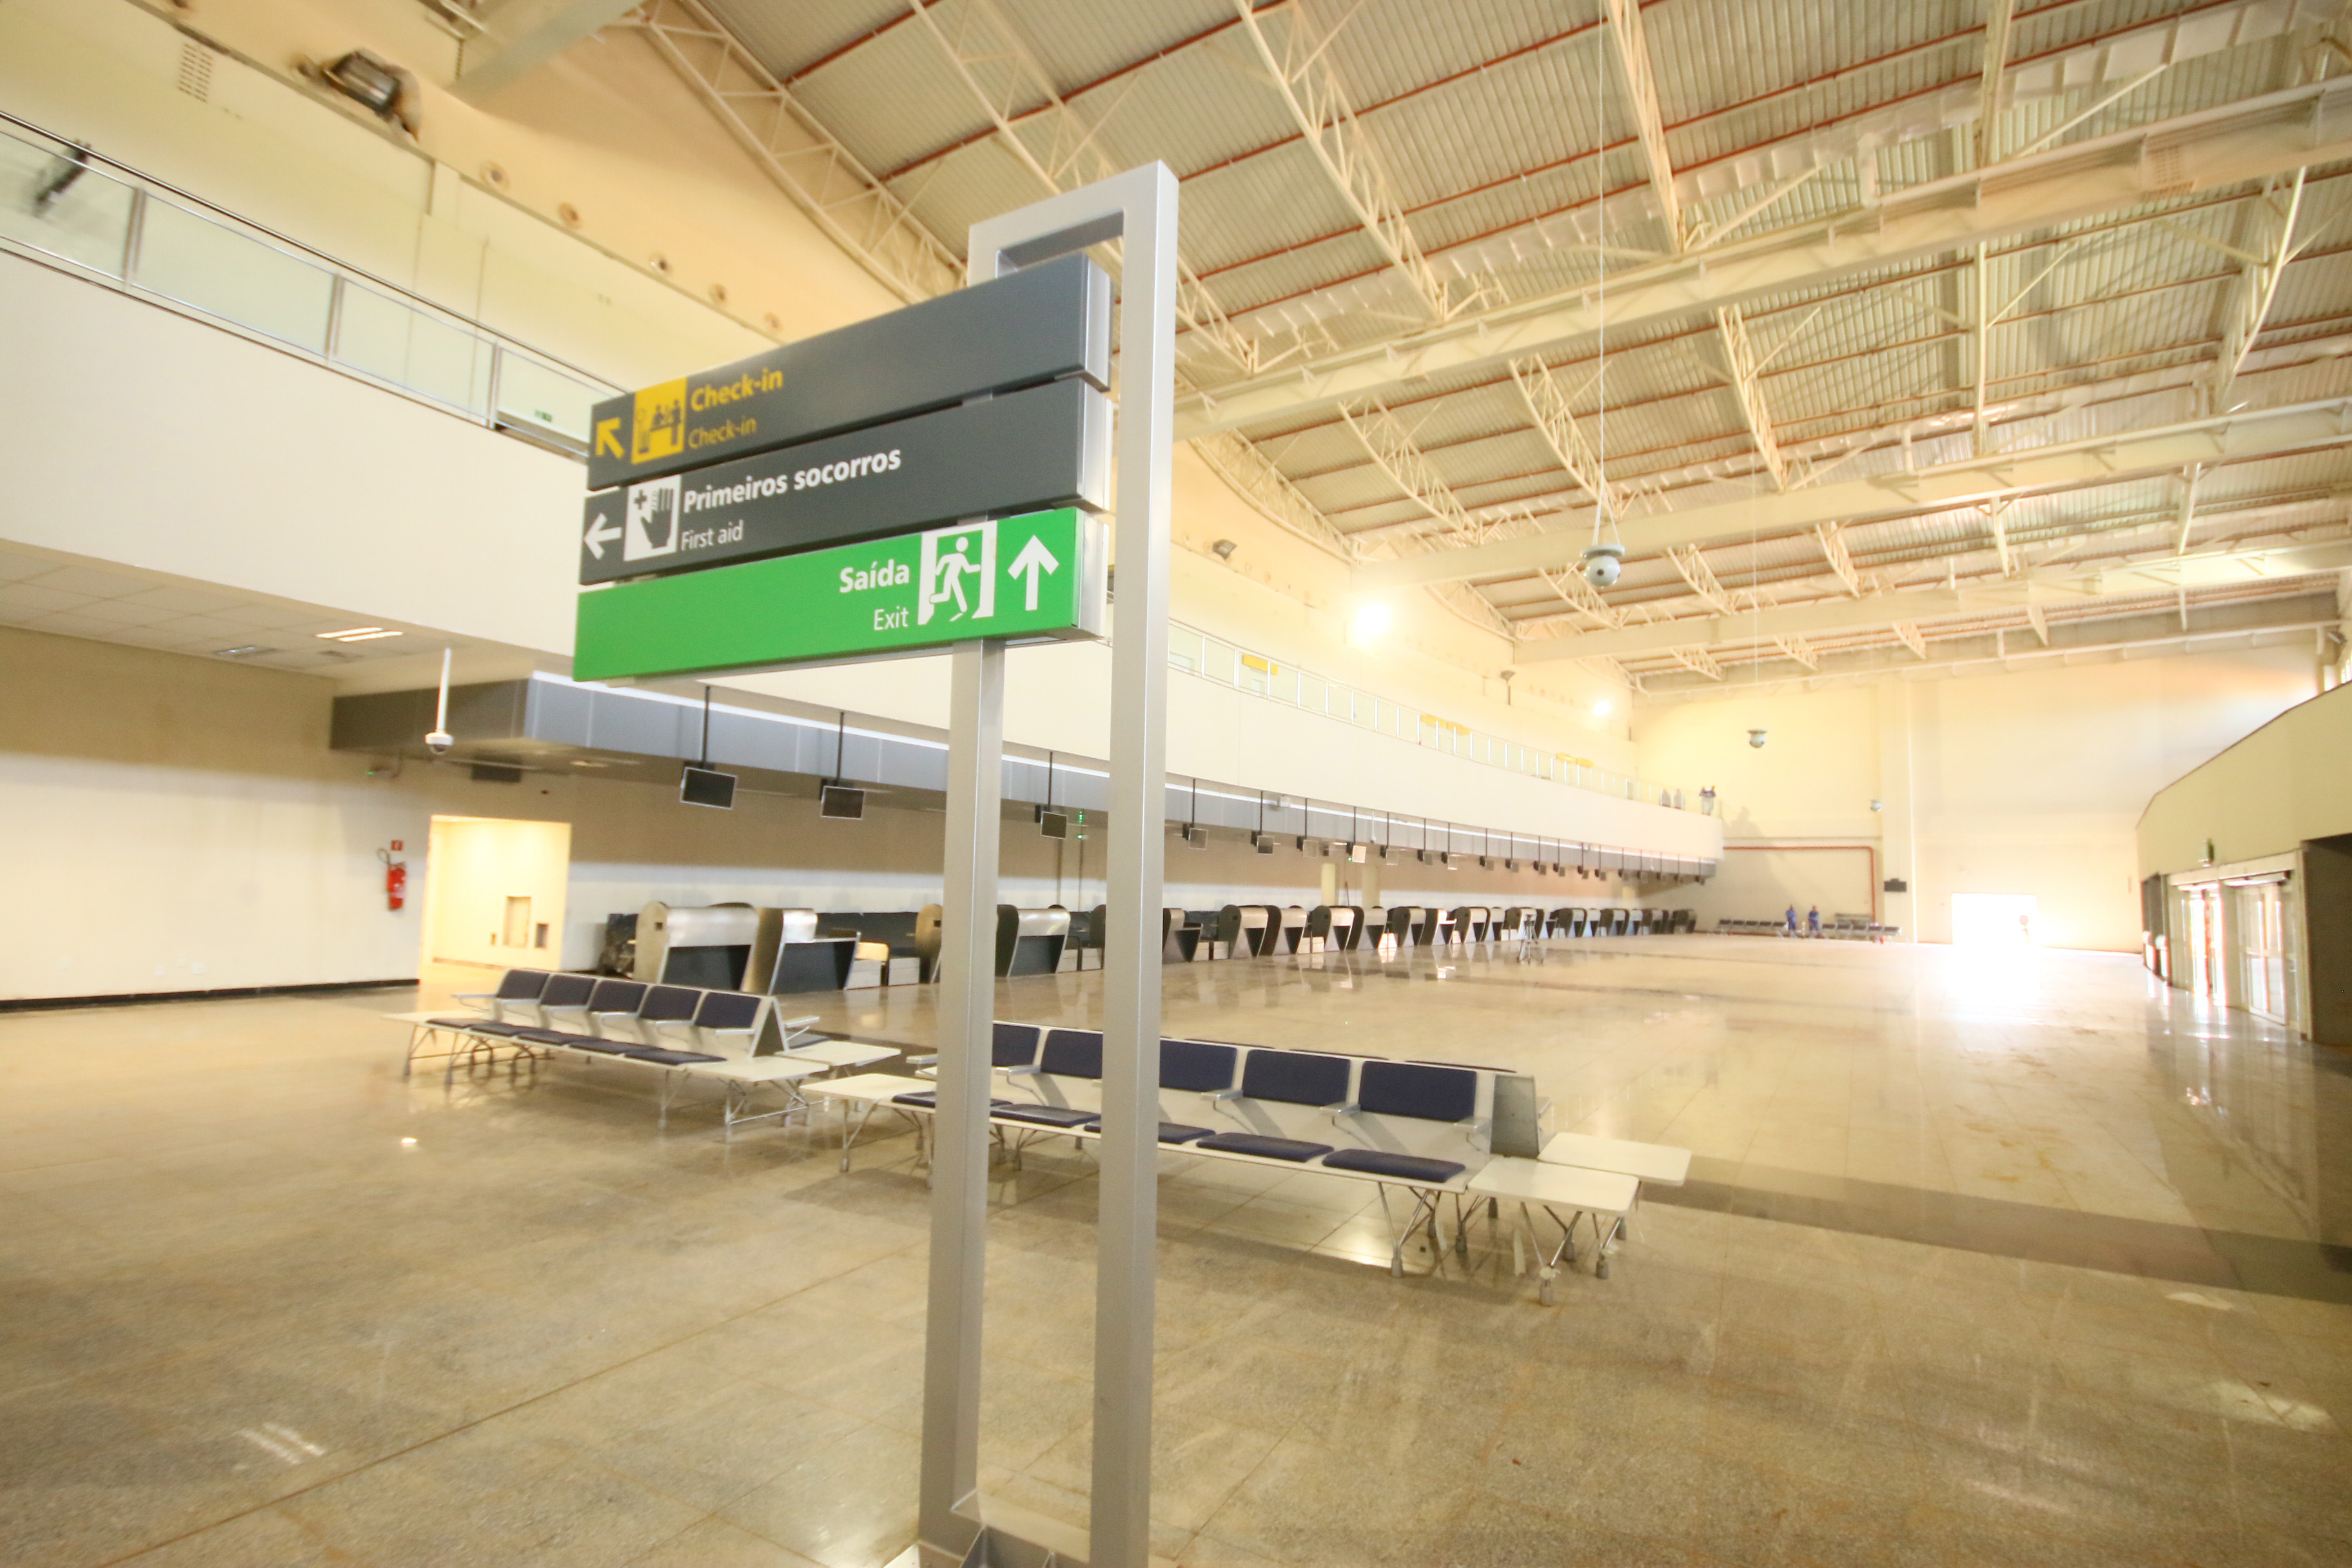 Espera por ampliação do Aeroporto de Ribeirão Preto acaba em 2019, diz Estado